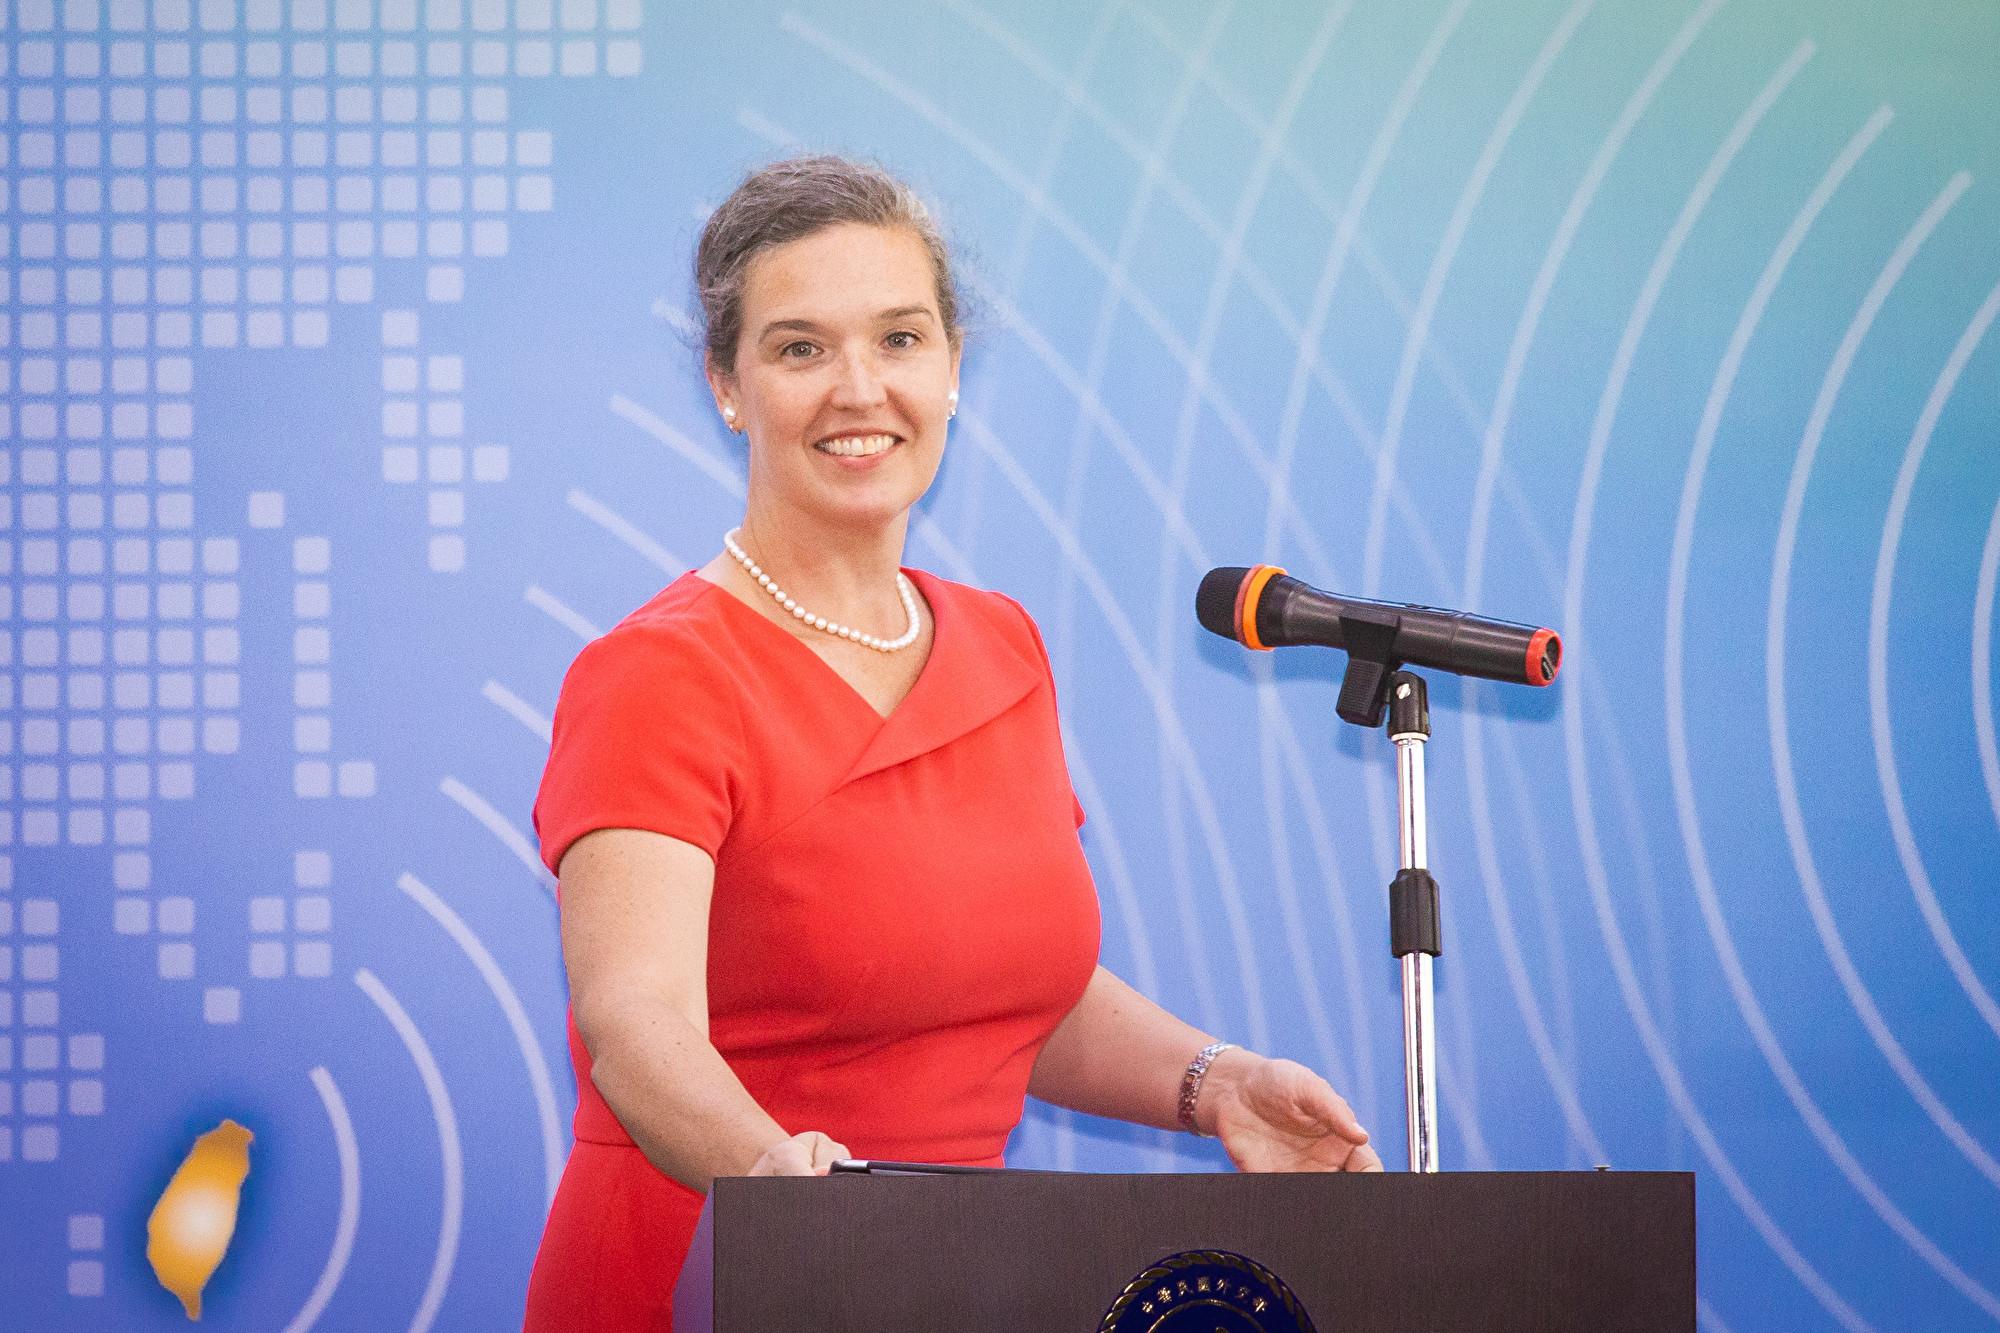 美台首屆「太平洋對話」(Pacific Islands Dialogue)7日在台北登場,美國國務院亞太局主管澳紐暨太平洋事務副助卿兼APEC資深官員孫曉雅(Sandra Oudkirk)出席致詞。(陳柏州/大紀元)